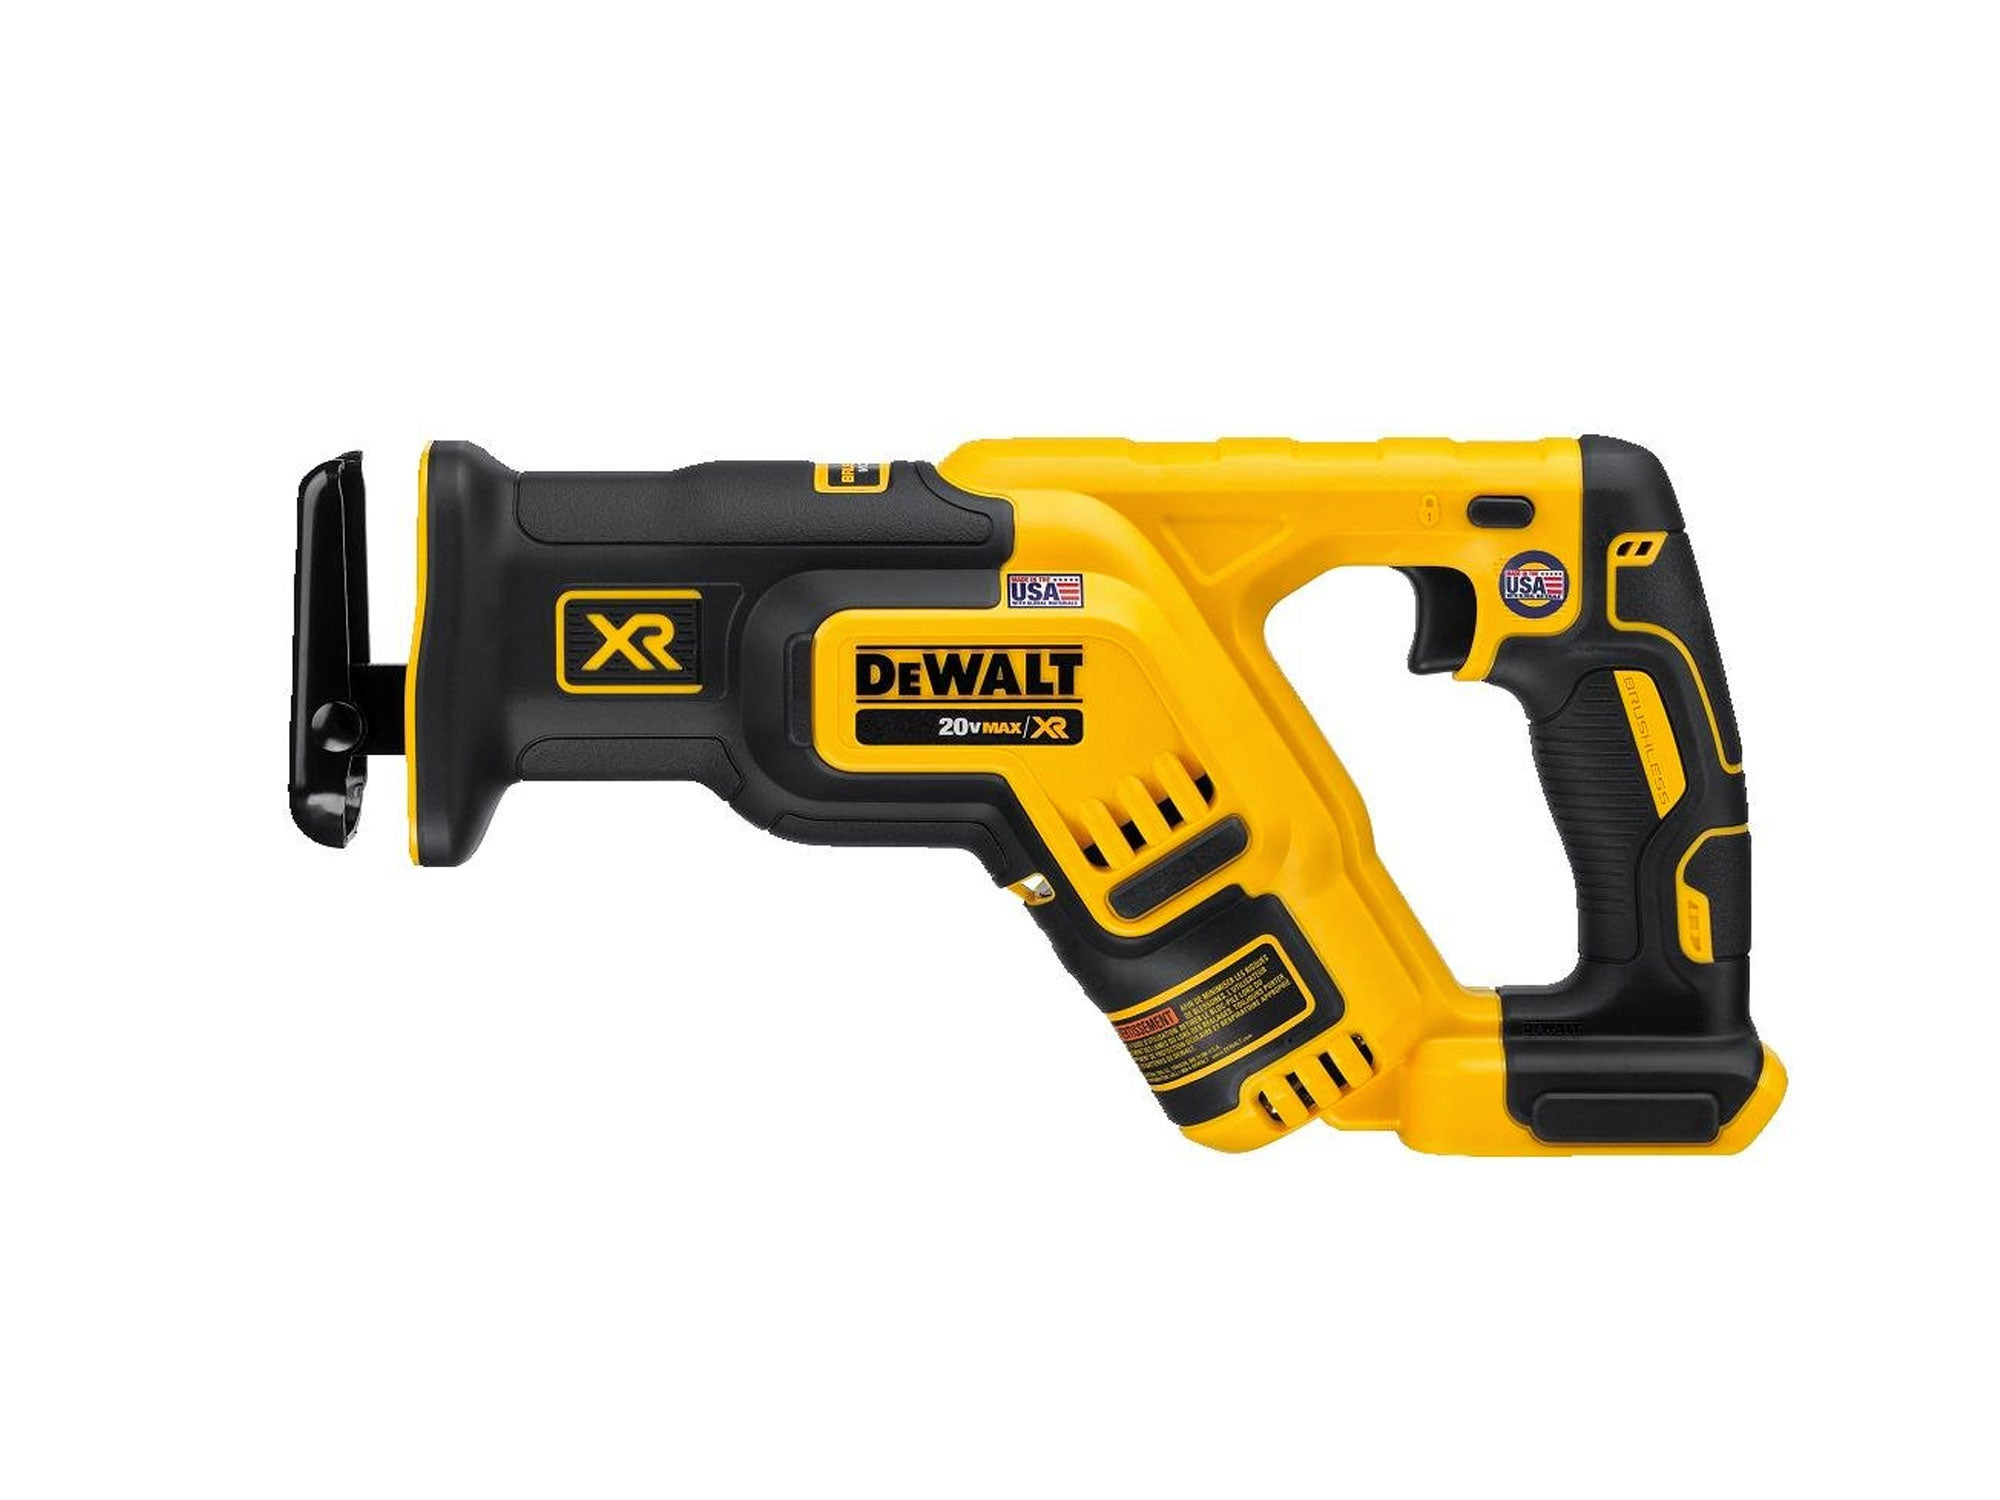 DEWALT 20V MAX XR Reciprocating Saw